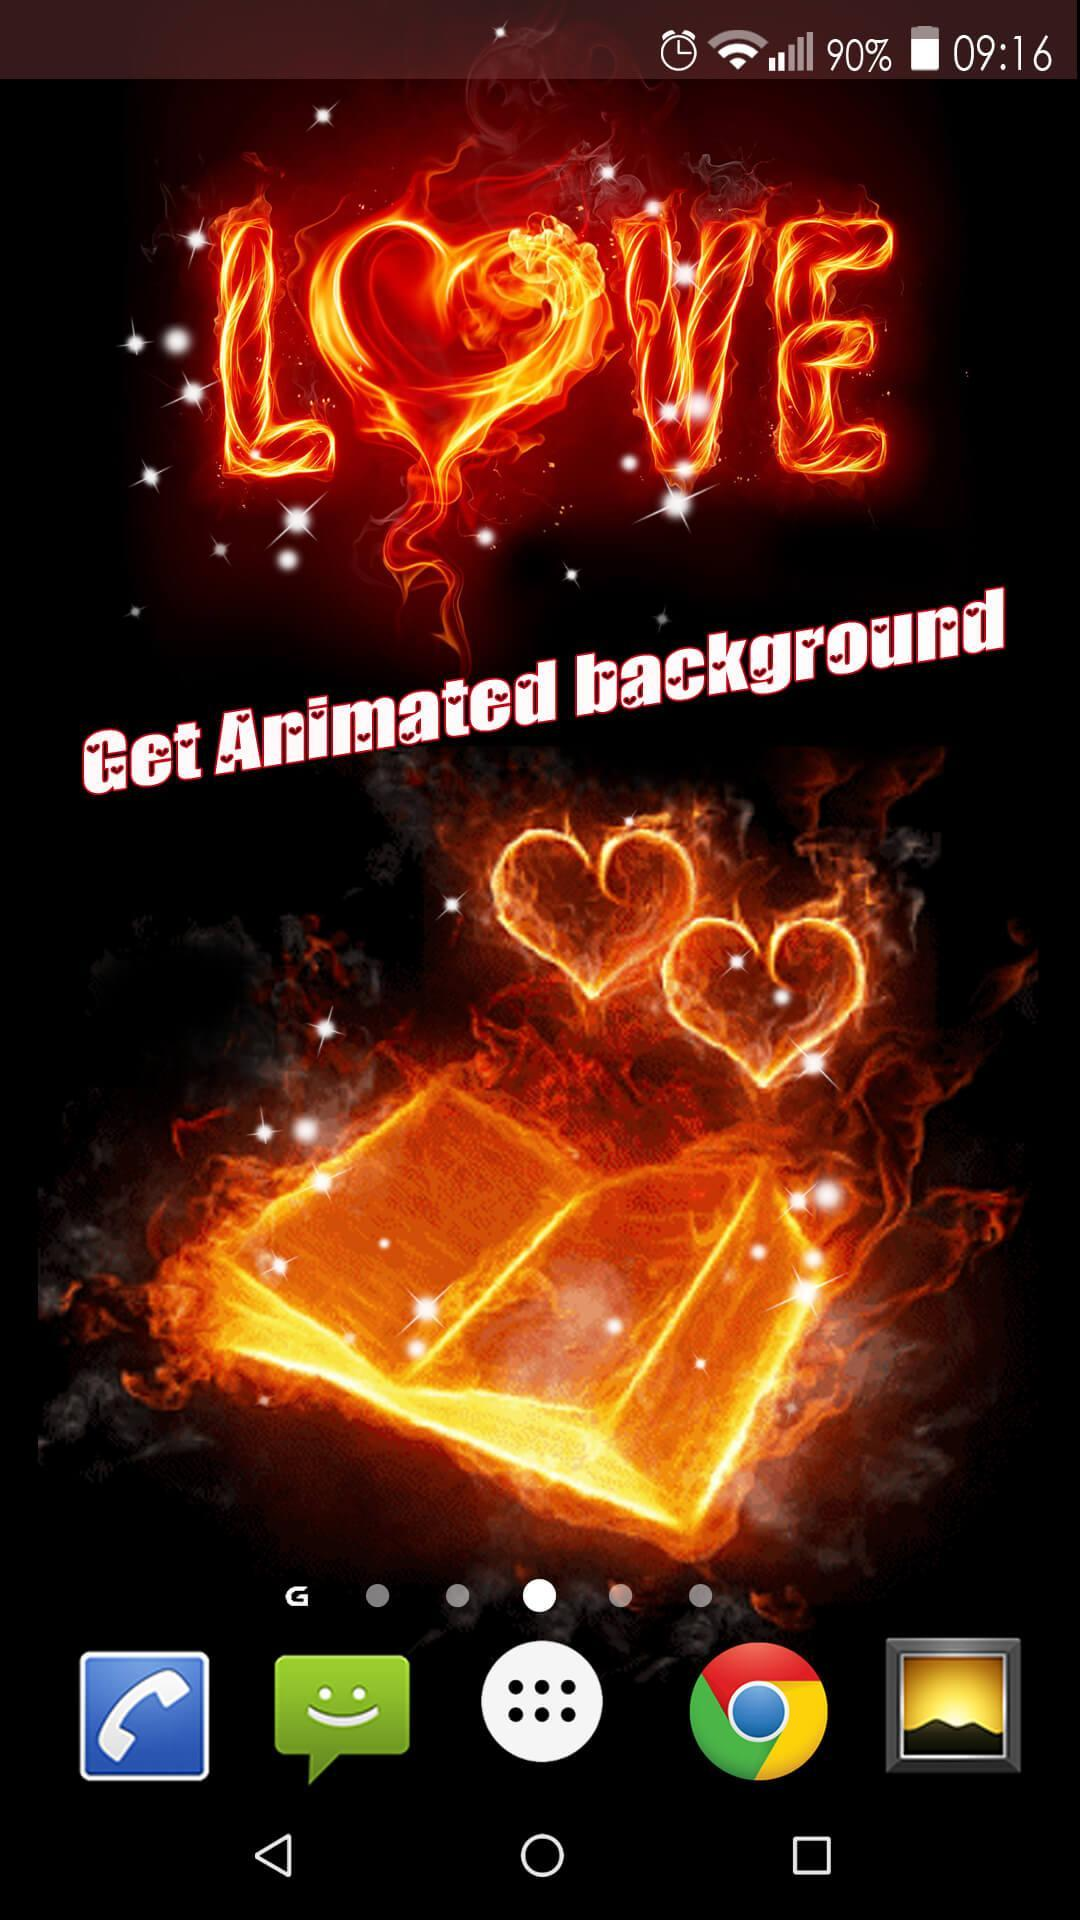 Android 用の 愛gif ロマンチックな壁紙 Apk をダウンロード